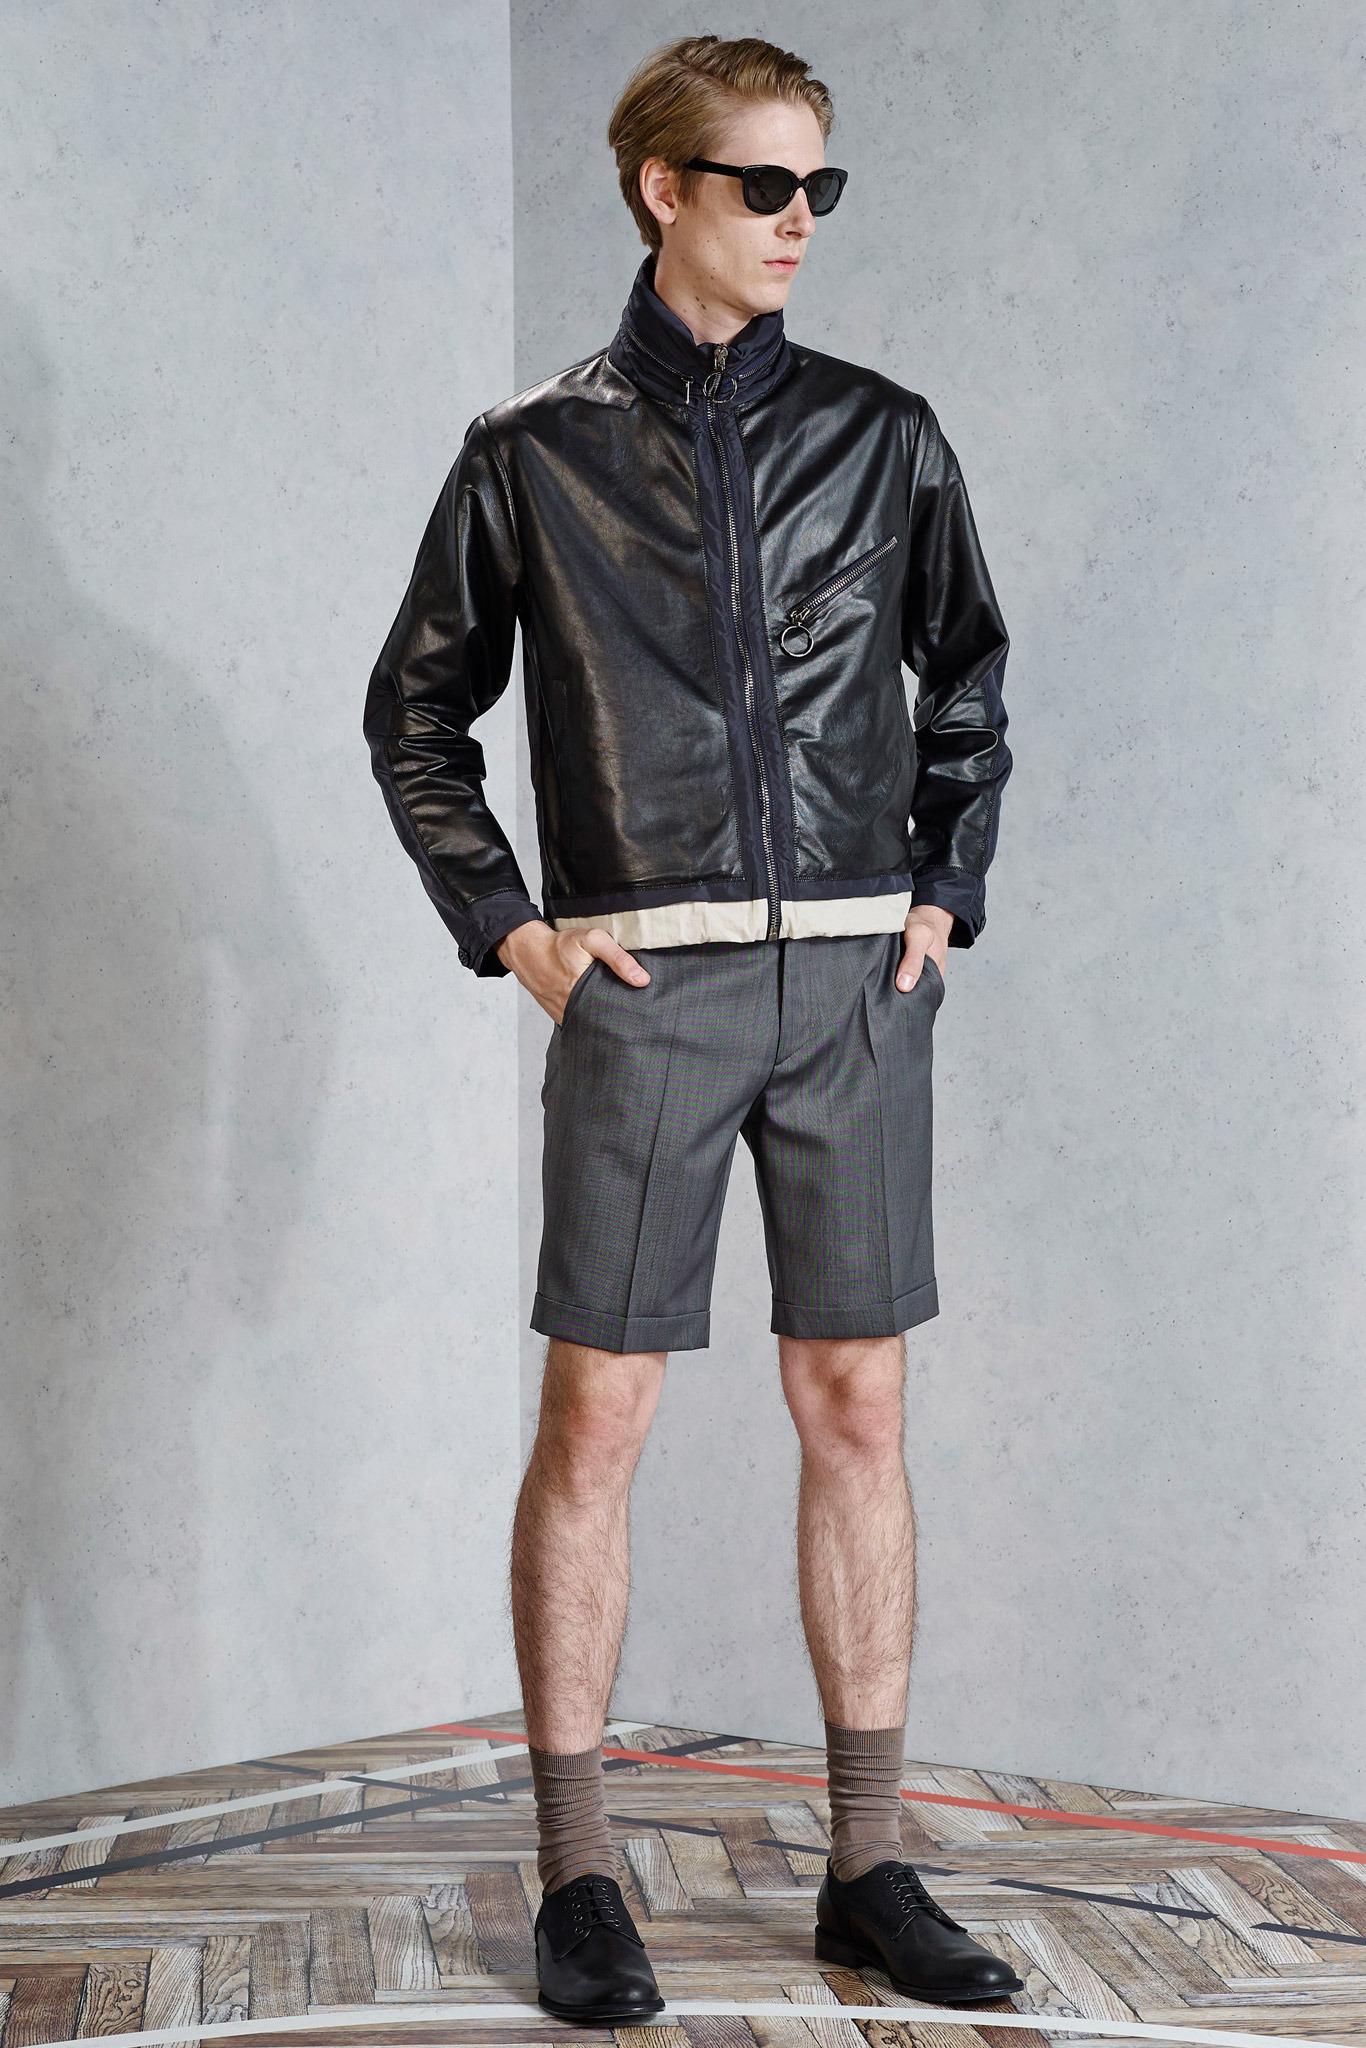 viktor rolf men 39 s spring 2015 fashion lookbook. Black Bedroom Furniture Sets. Home Design Ideas